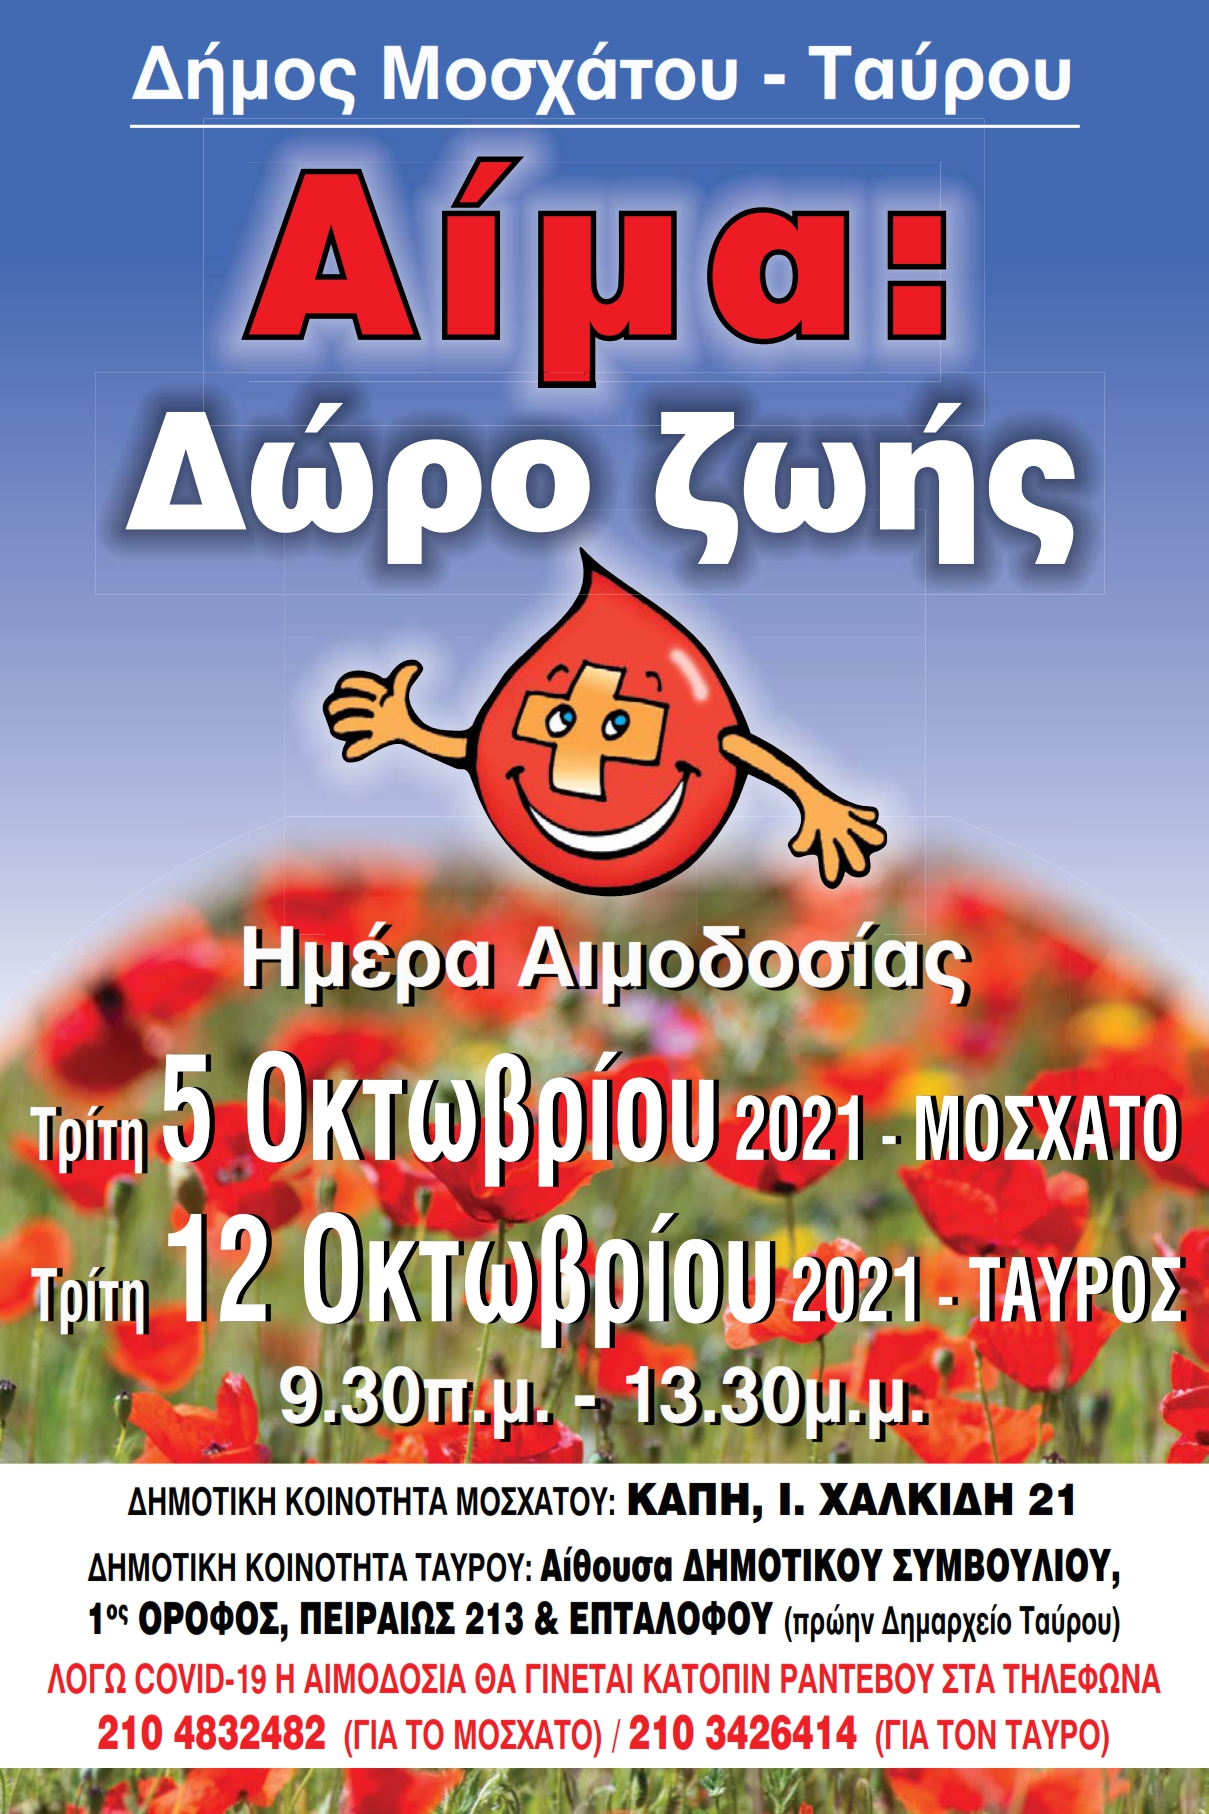 Εθελοντική αιμοδοσία Δήμου Μοσχάτου-Ταύρου στις 5 και 12 Οκτωβρίου